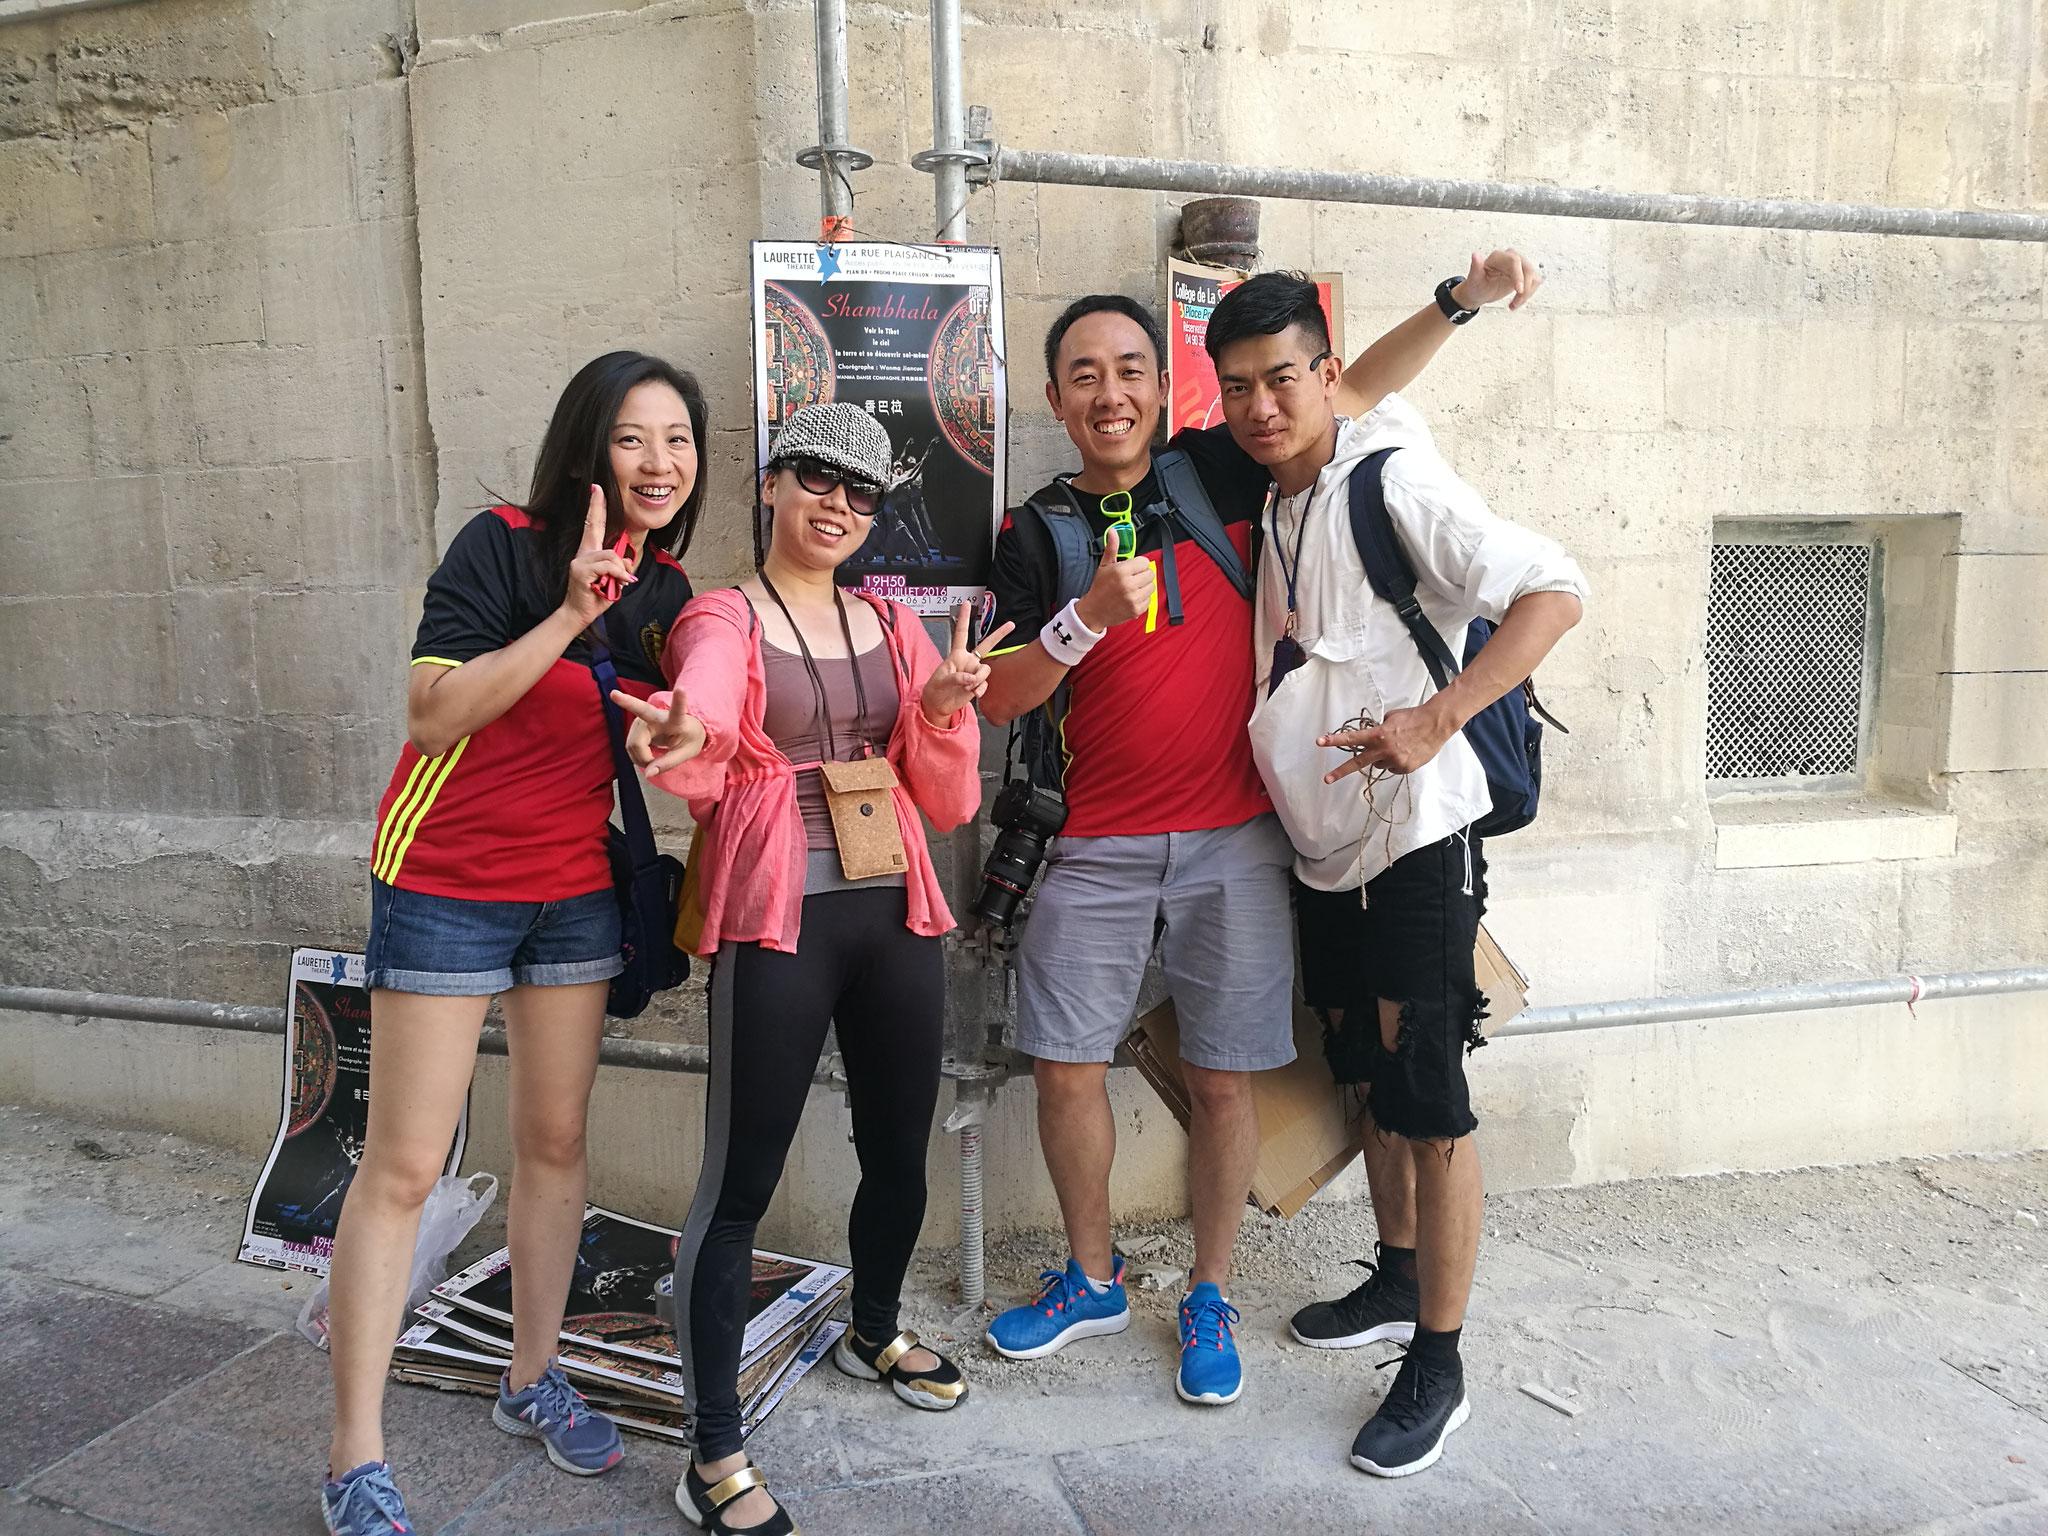 戏剧节开始前几天由于赶不上看剧而帮我们张贴海报的香港华人游客